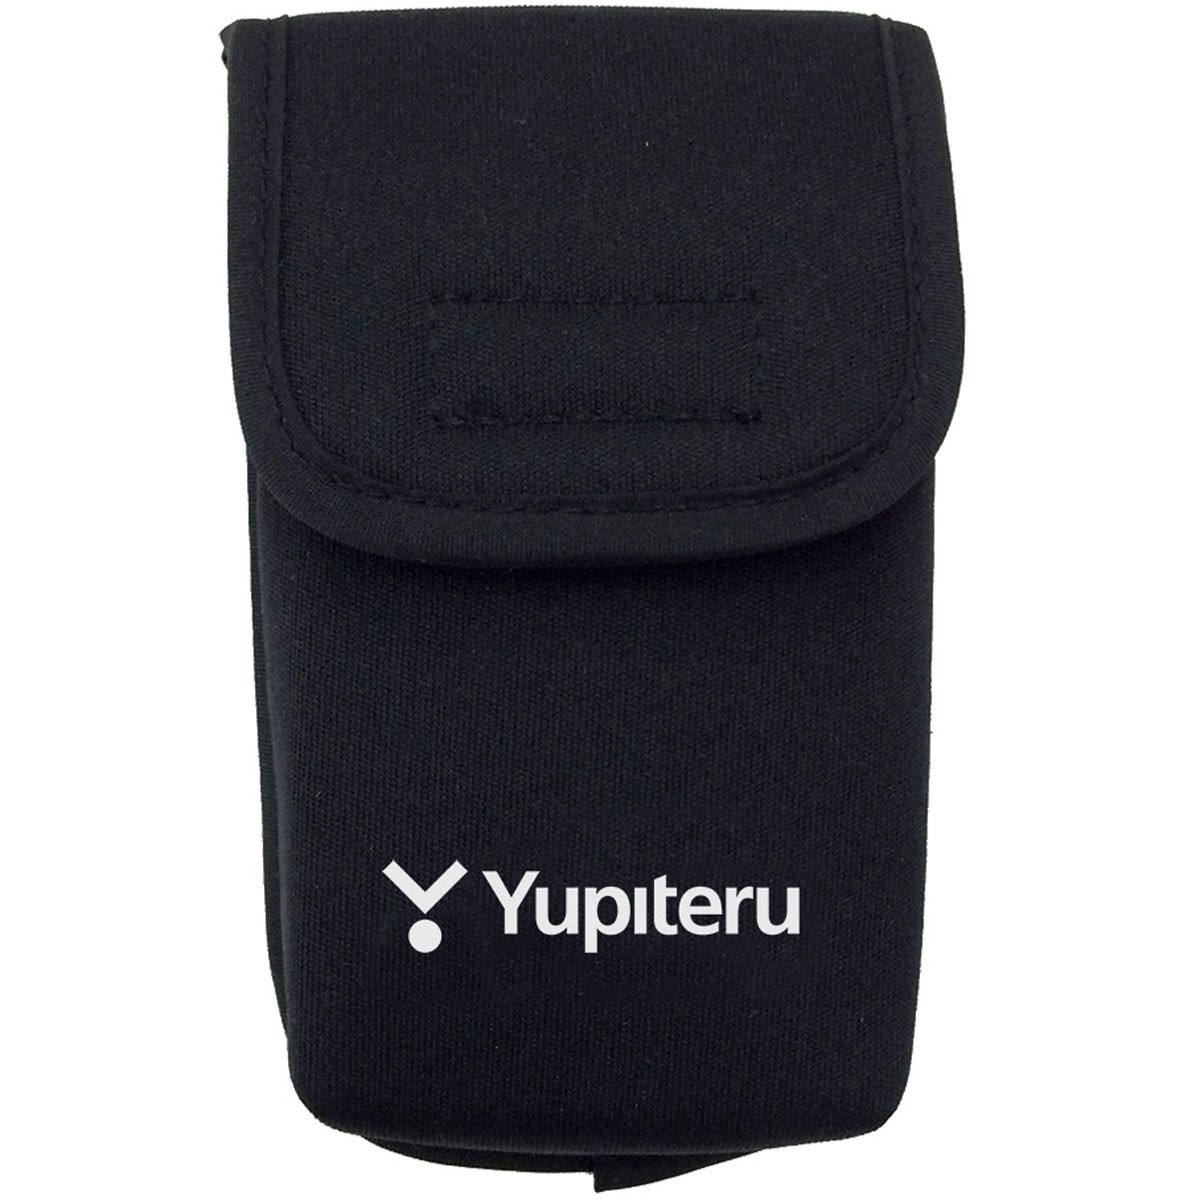 ユピテル YUPITERU ベルトホルダー兼用キャリングケース AGN5300、AGN4210、AGN3410用 OP-A005K ブラック